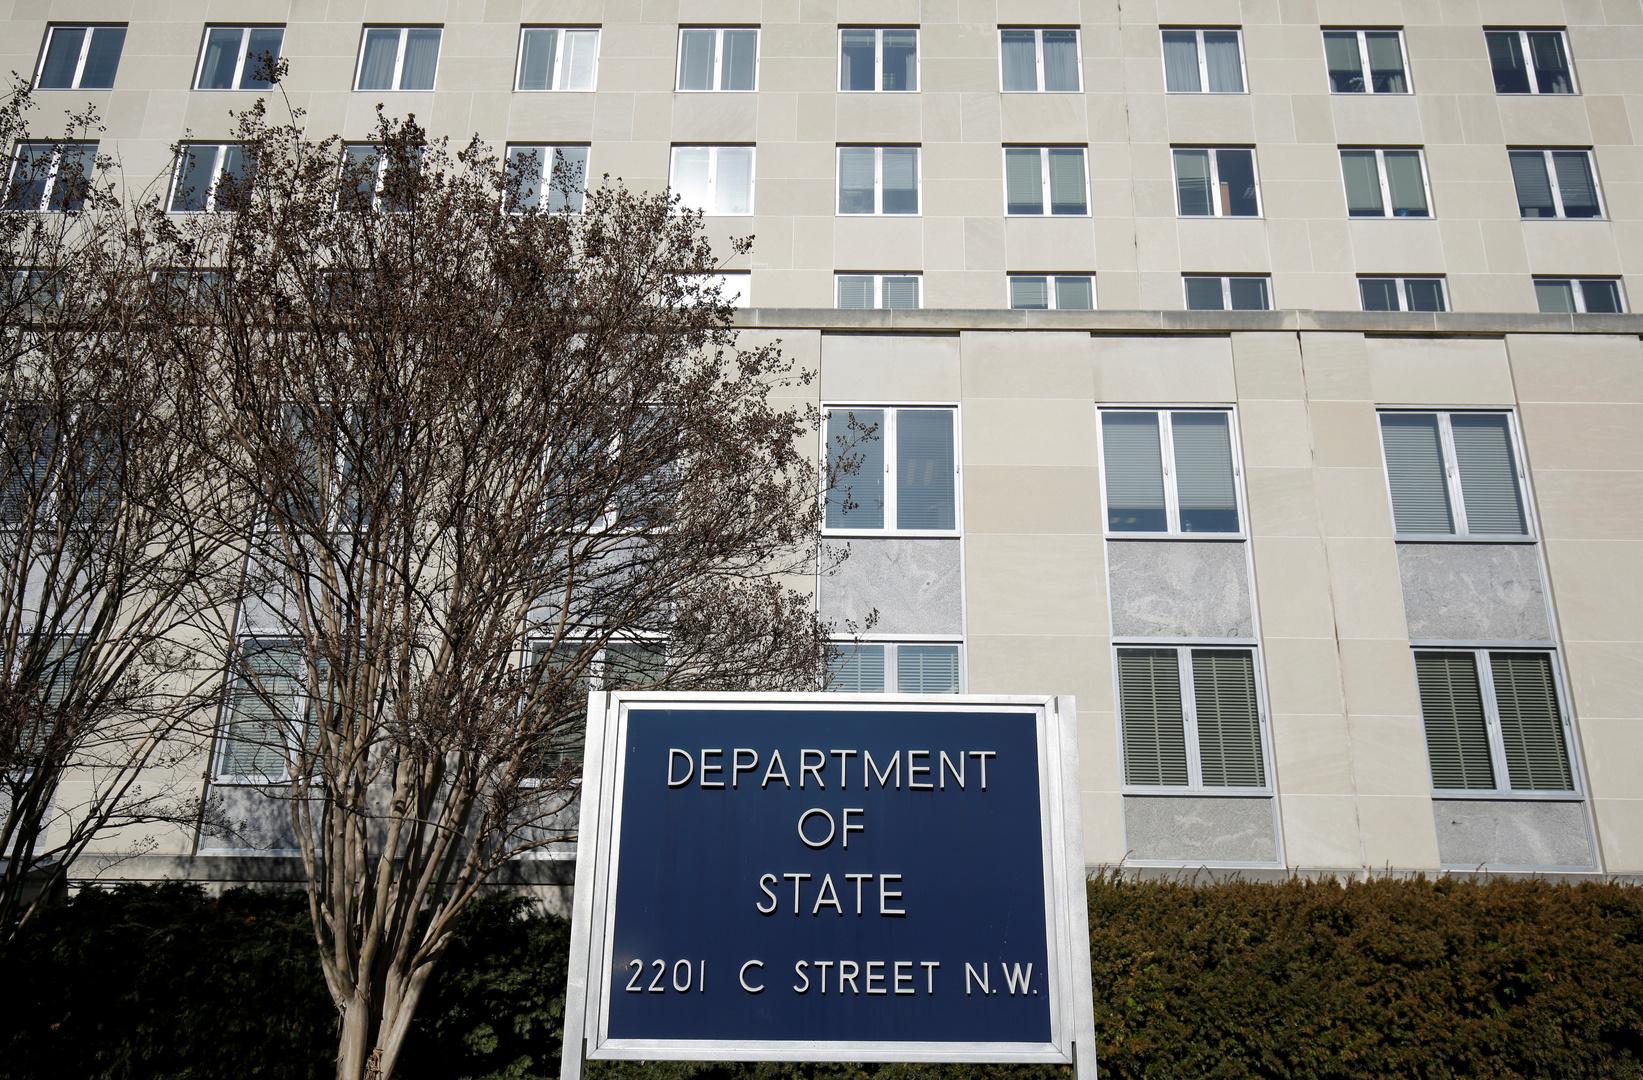 واشنطن: حكومة سوريا لا تزال تحوز ترسانة كيميائية وعلينا أن نكون مستعدين لملاحقتها